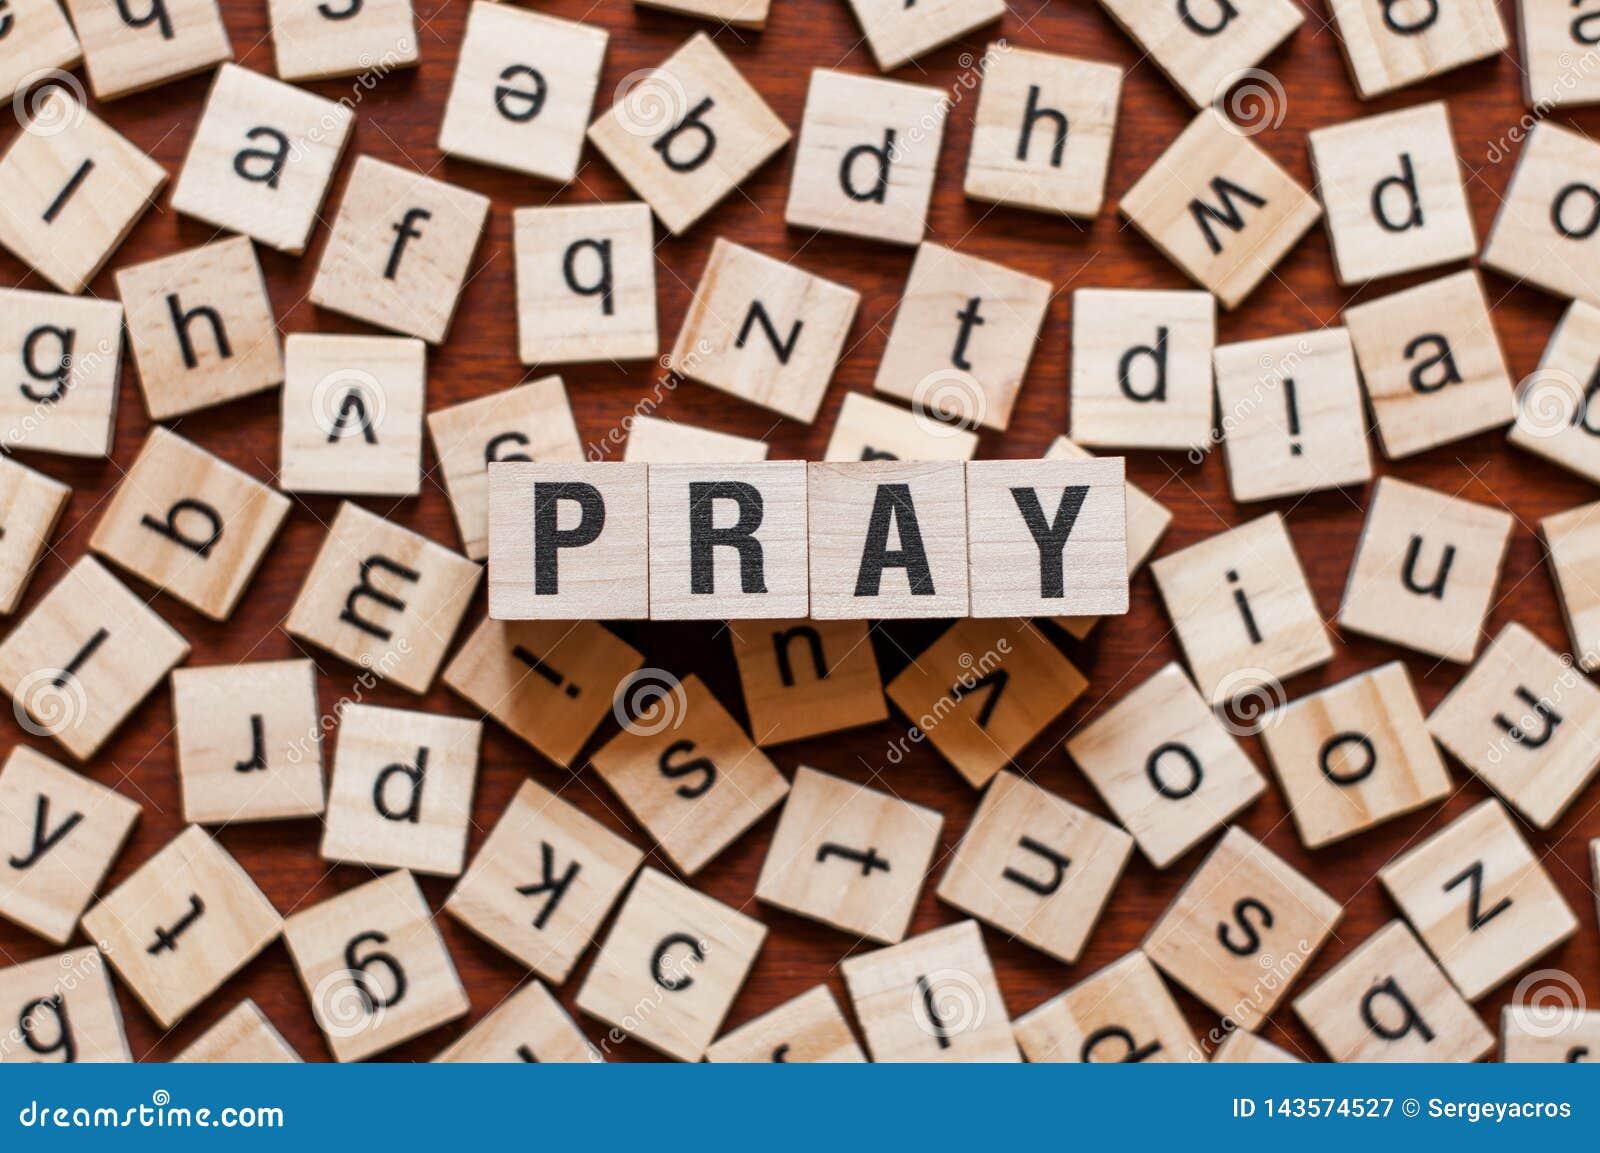 Modli się słowa pojęcie